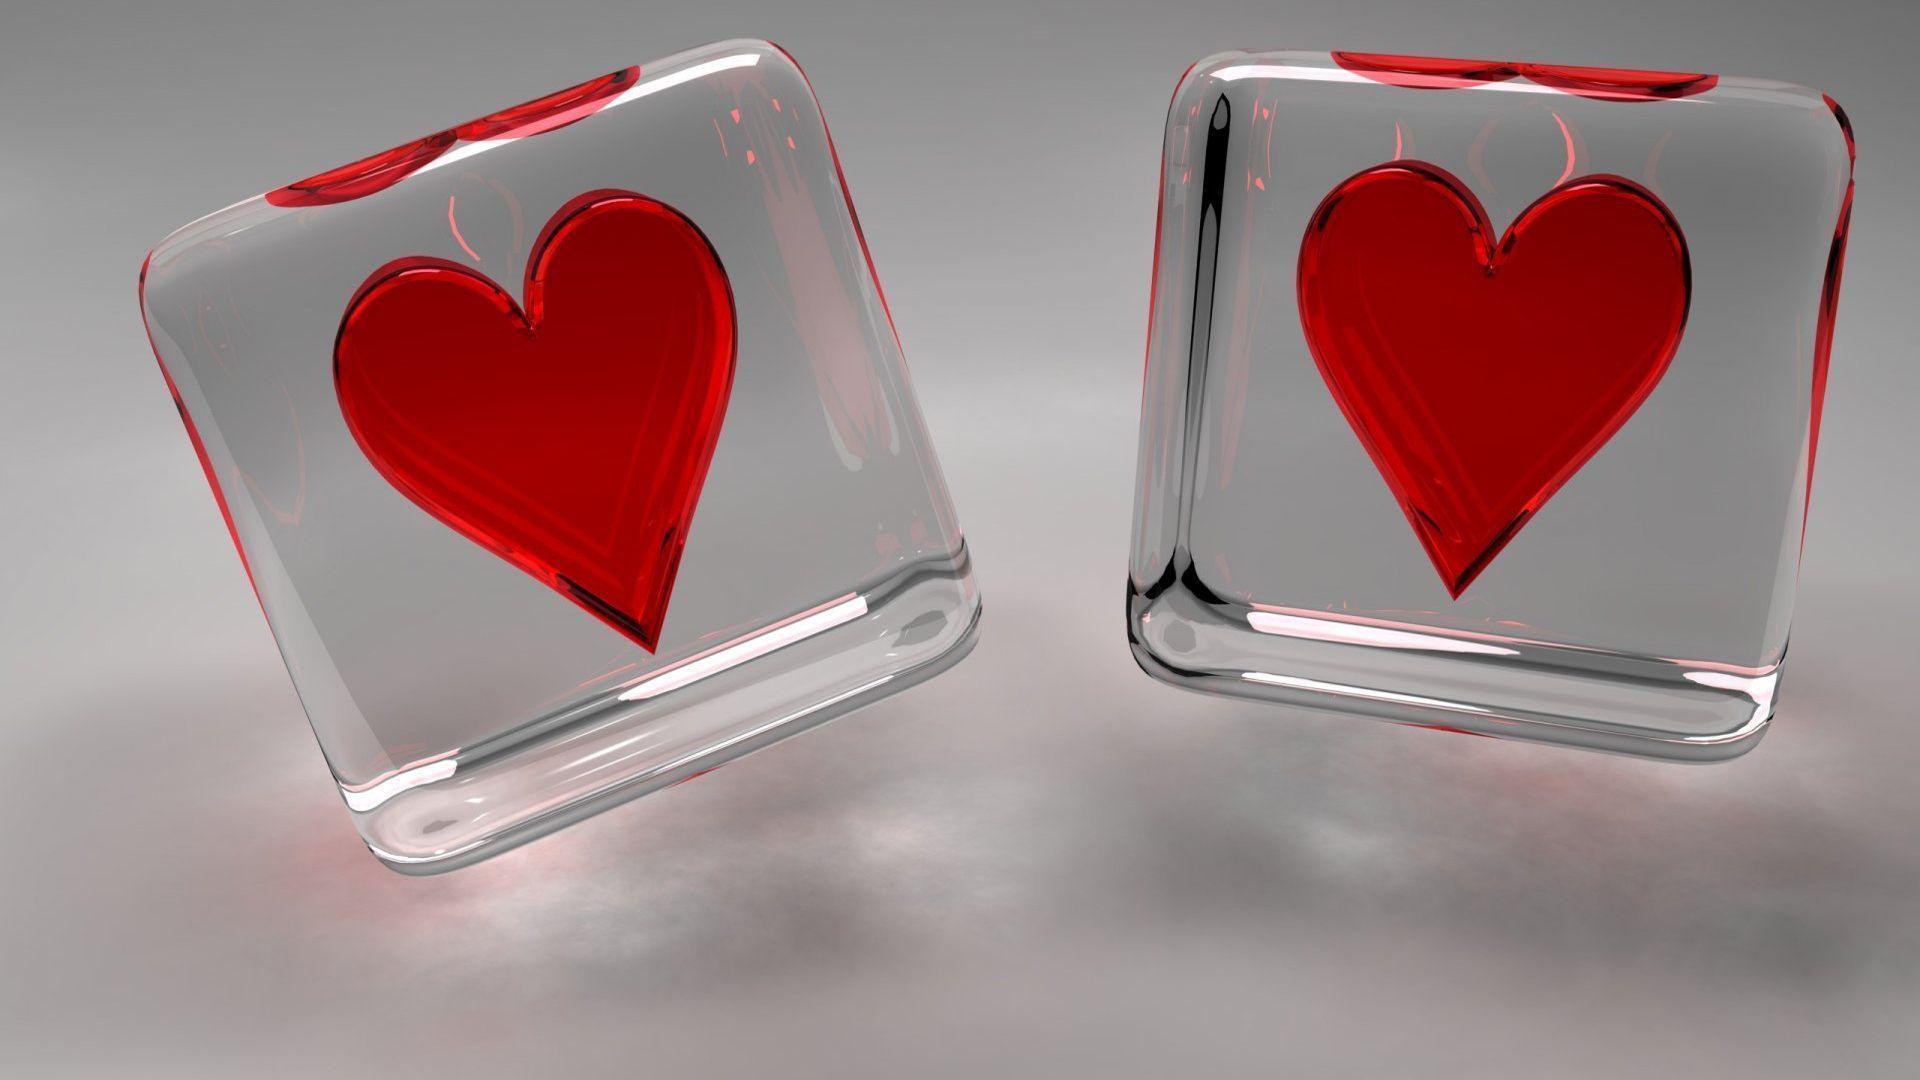 Love Desktop Wallpapers Top Free Love Desktop Backgrounds